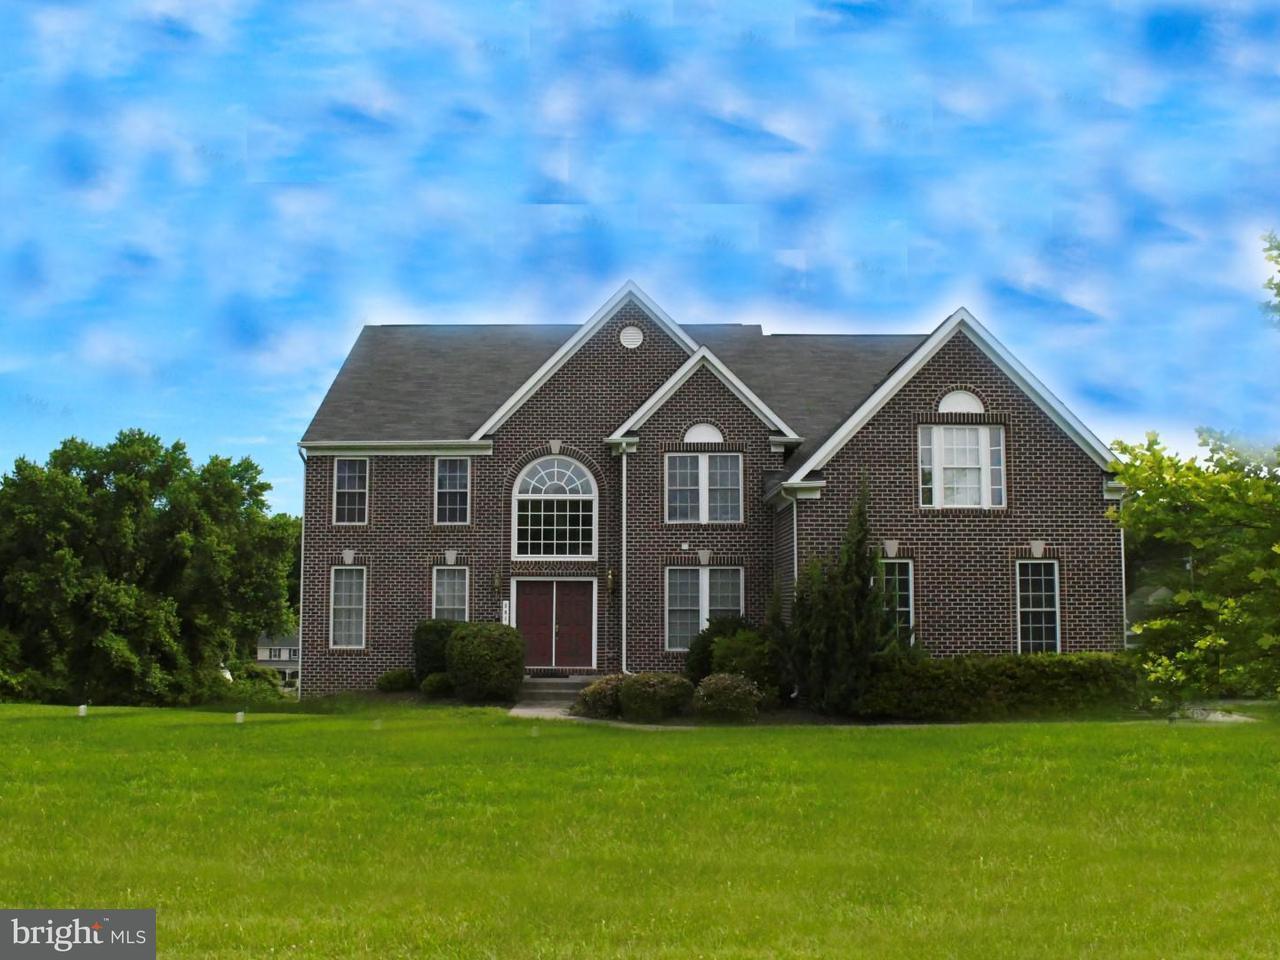 Μονοκατοικία για την Πώληση στο 3014 Edrich Way 3014 Edrich Way Randallstown, Μεριλαντ 21133 Ηνωμενεσ Πολιτειεσ